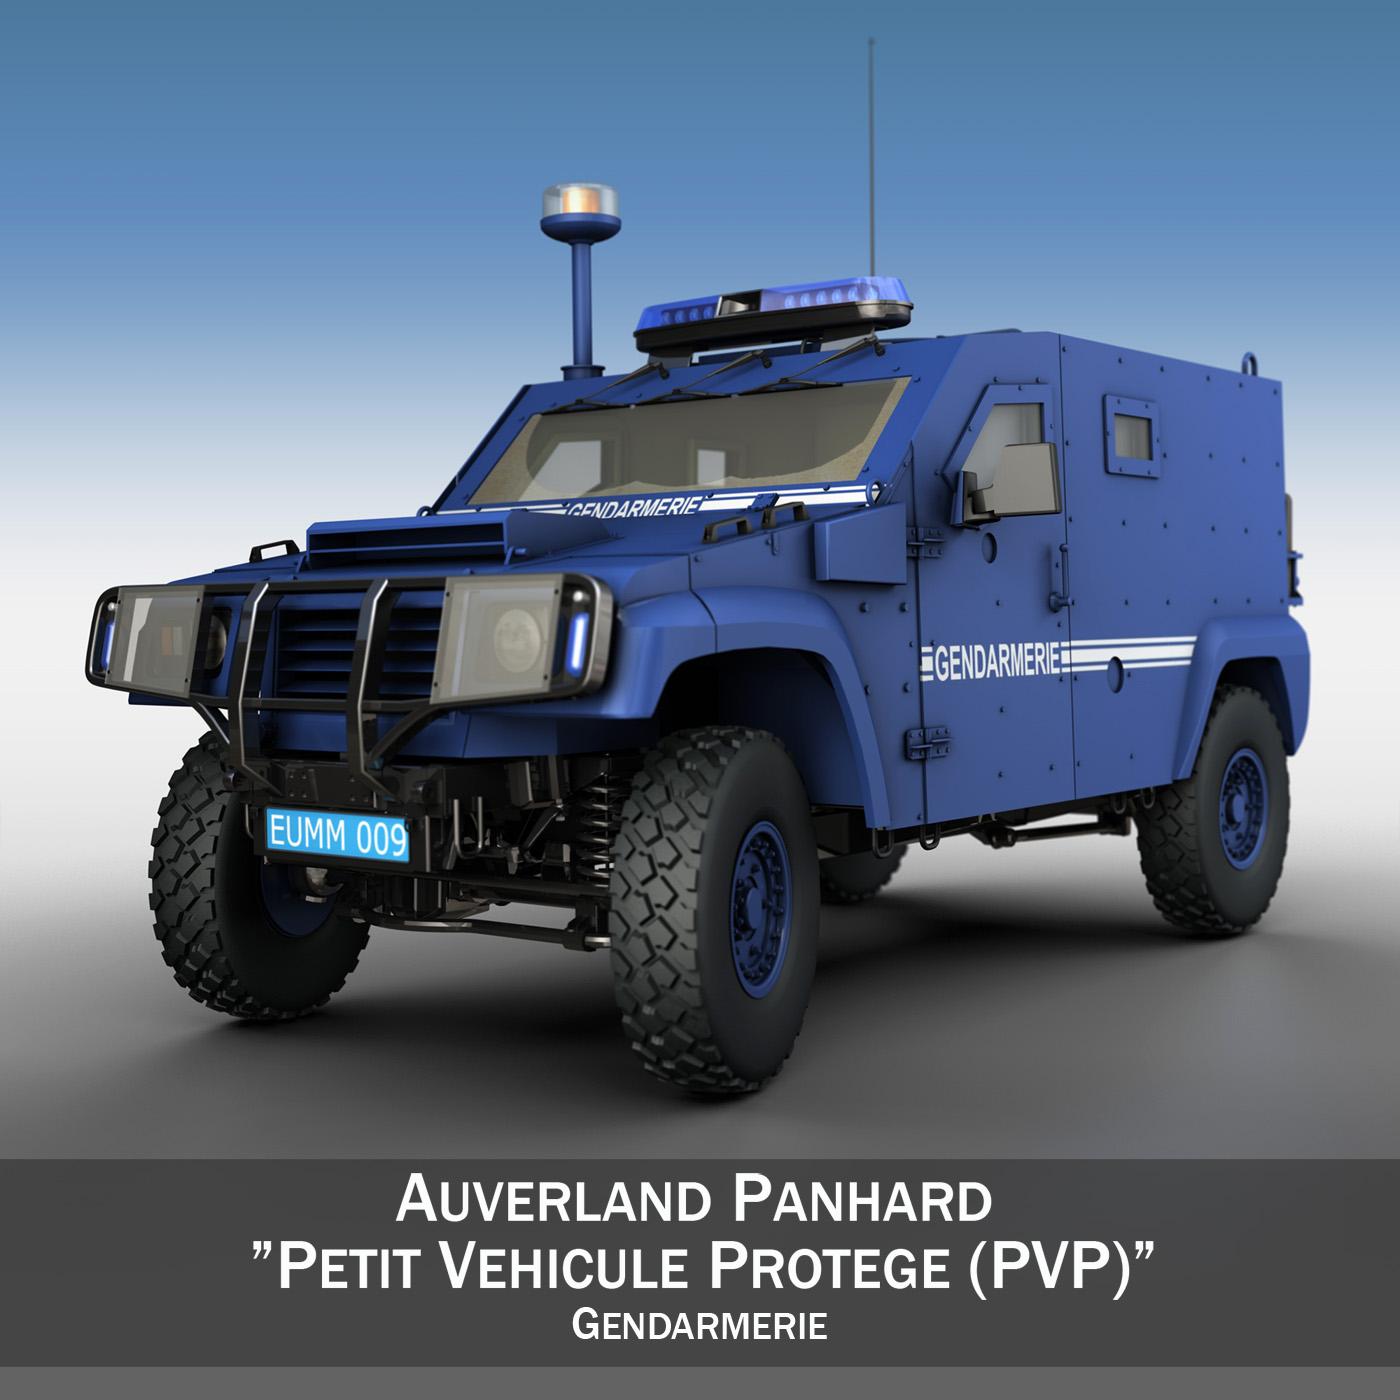 auverland panhard pvp - žandarmērija 3d modelis 3ds fxx c4d lwo obj 190066